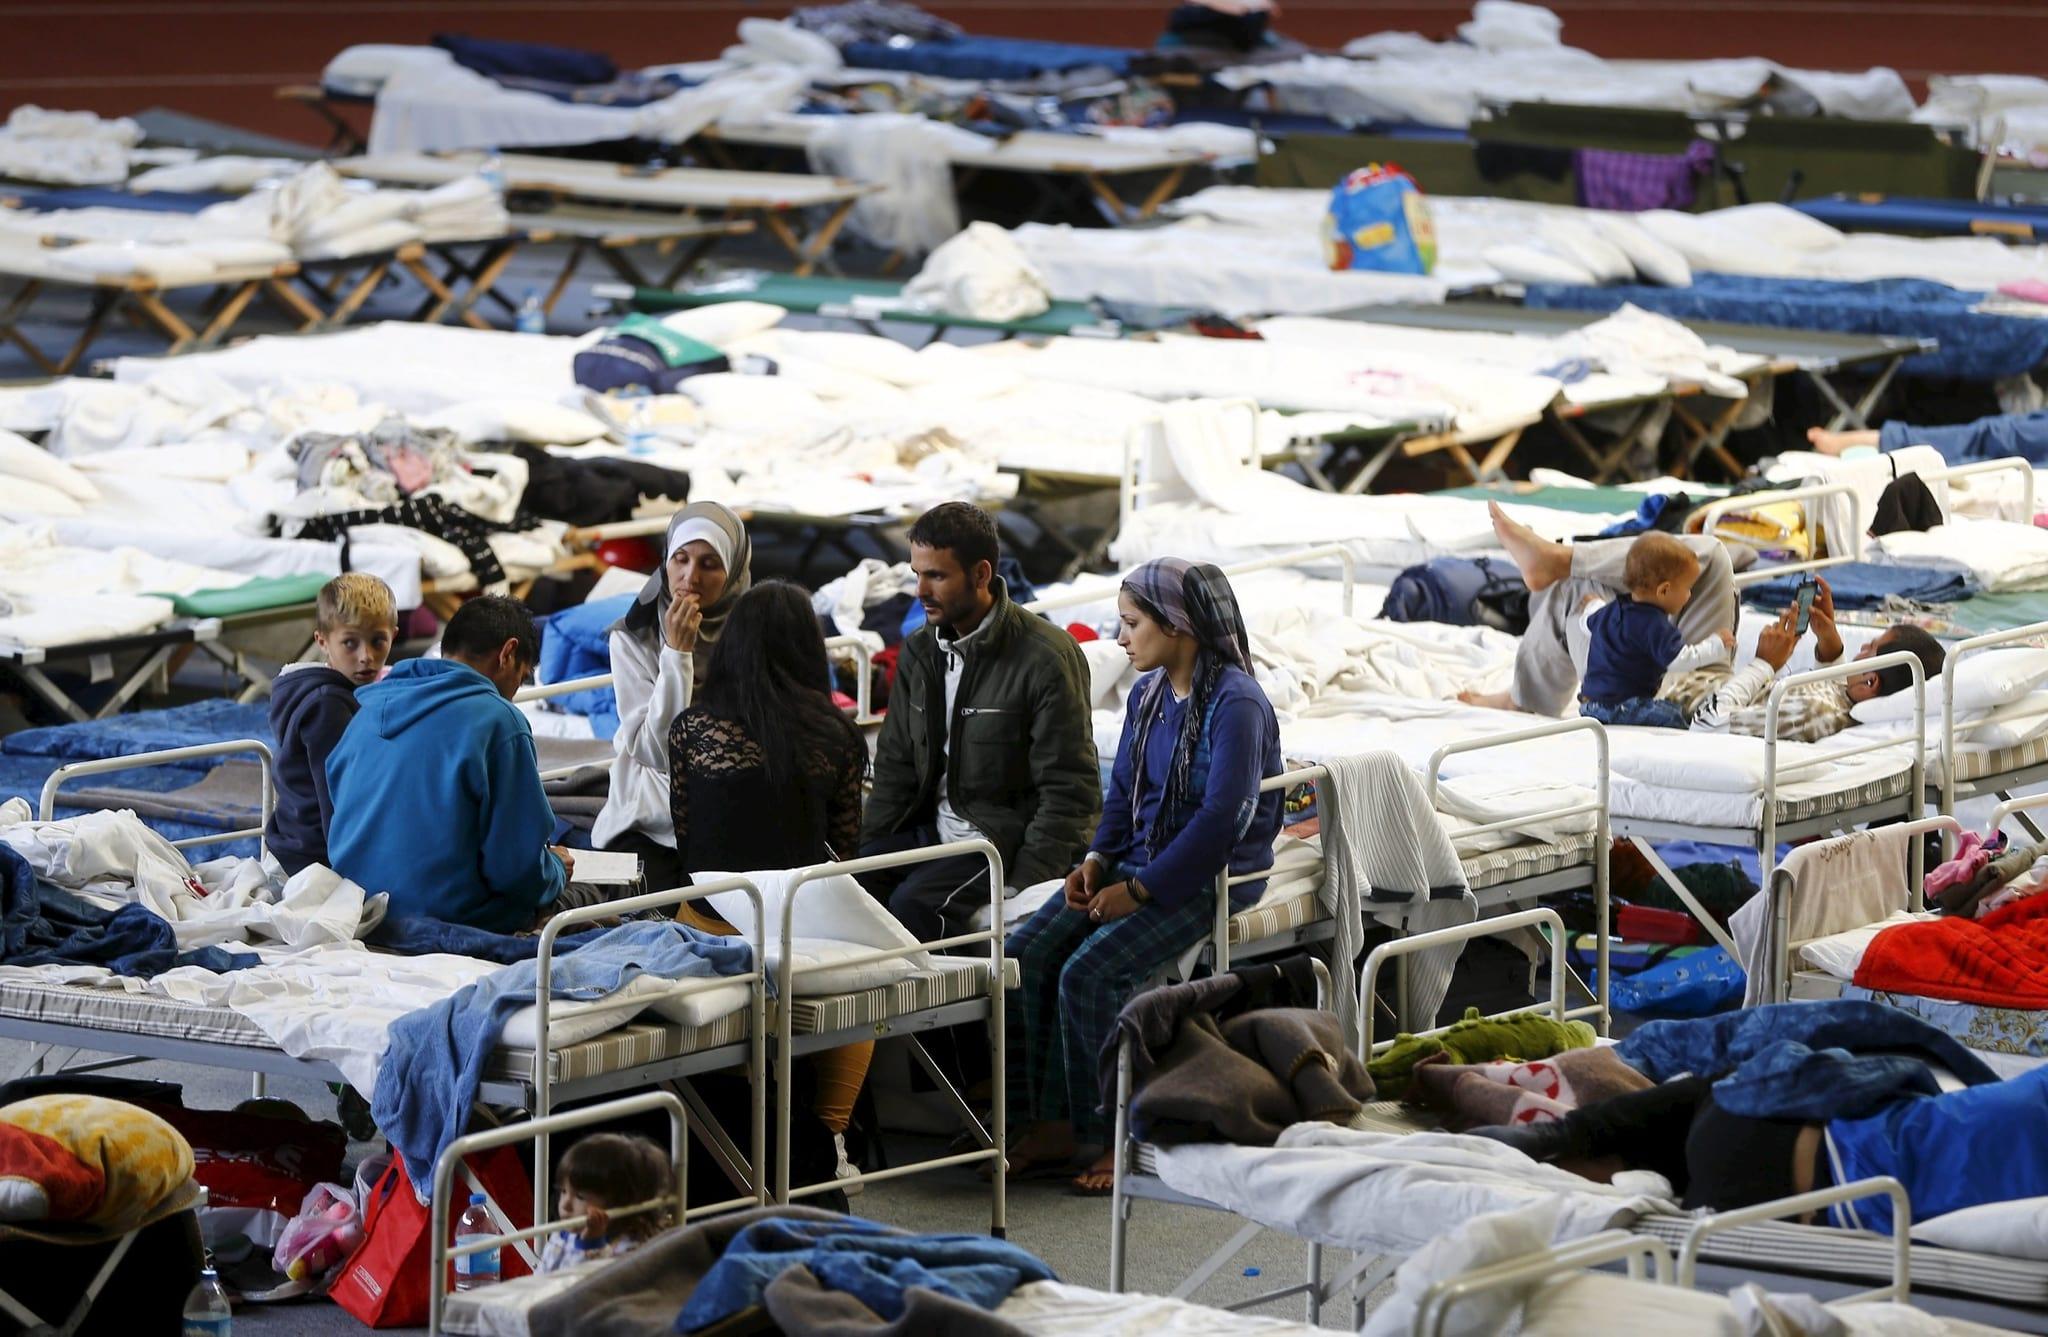 PÚBLICO - Uma sociedade aberta e sem modelo integra bem os imigrantes